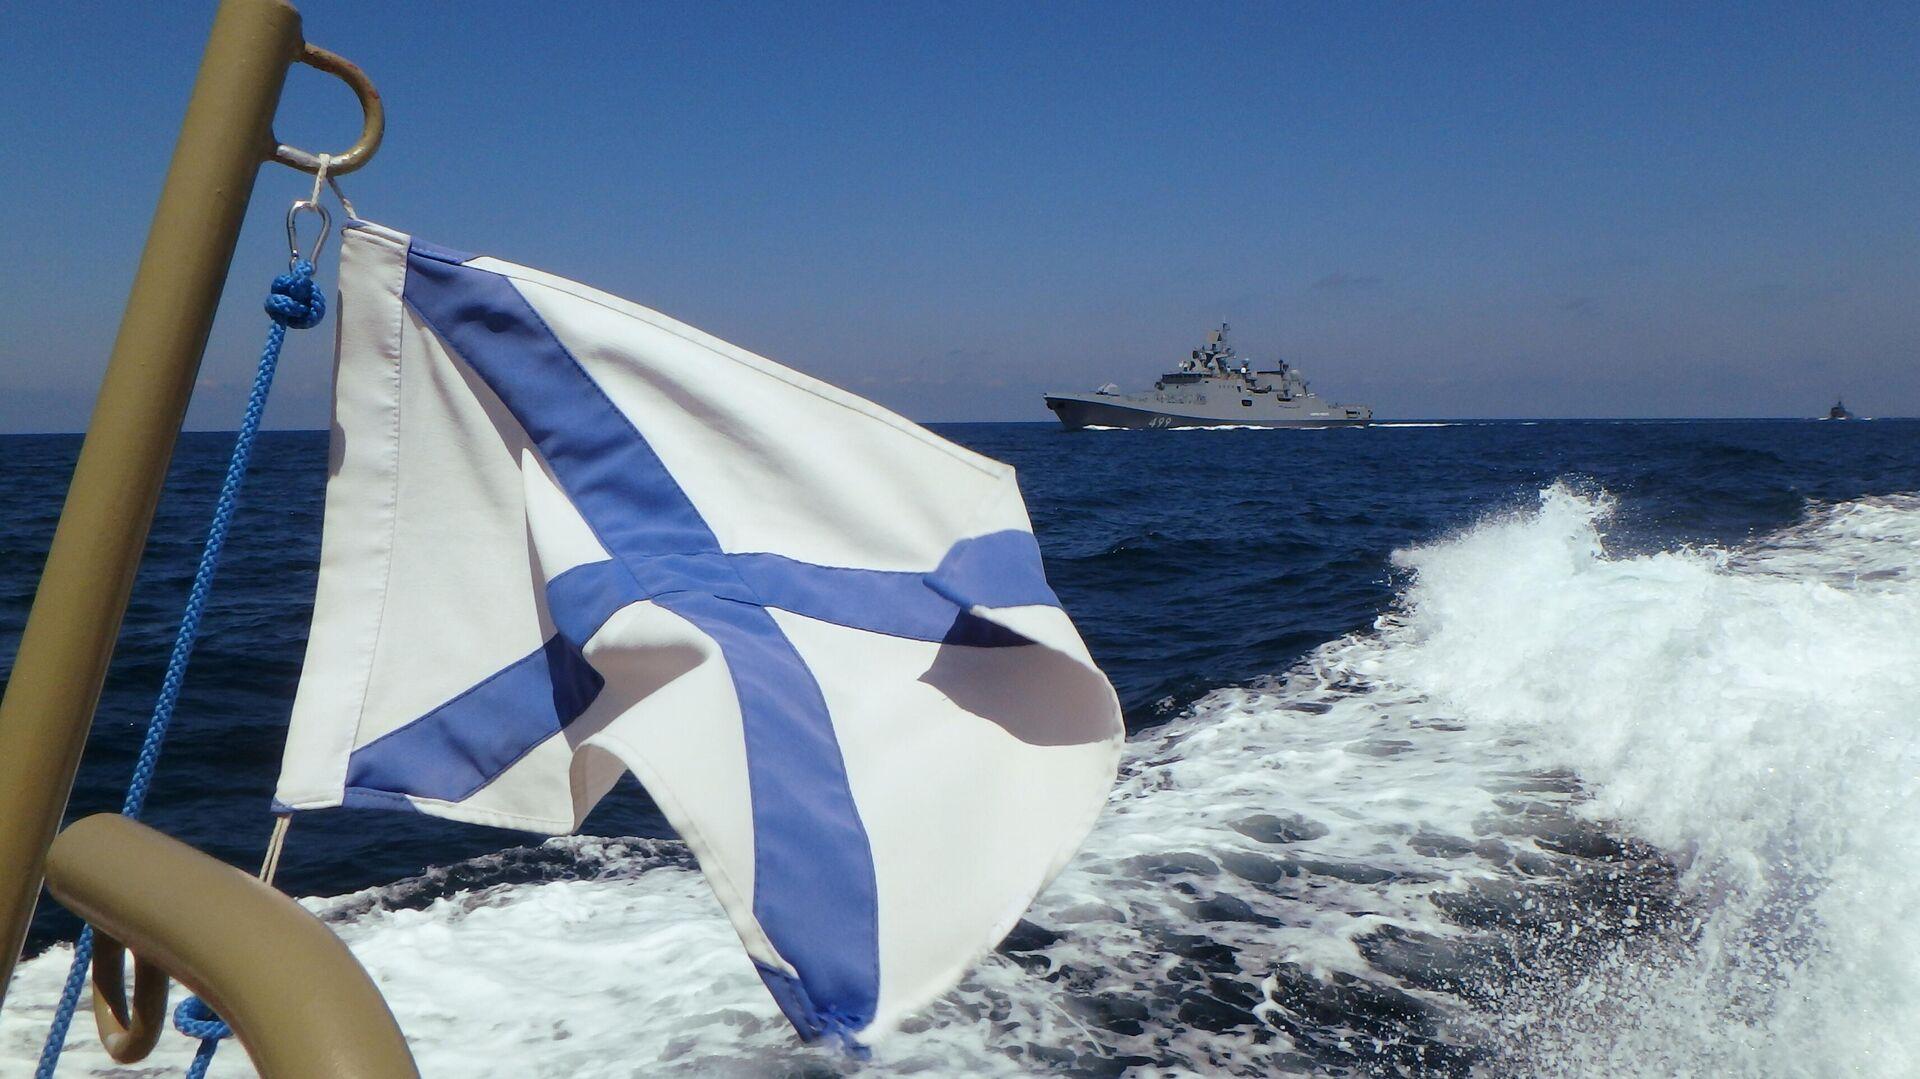 Фрегат Адмирал Макаров участвует в параде в День ВМФ РФ на рейде сирийского порта Тартус - РИА Новости, 1920, 02.06.2021